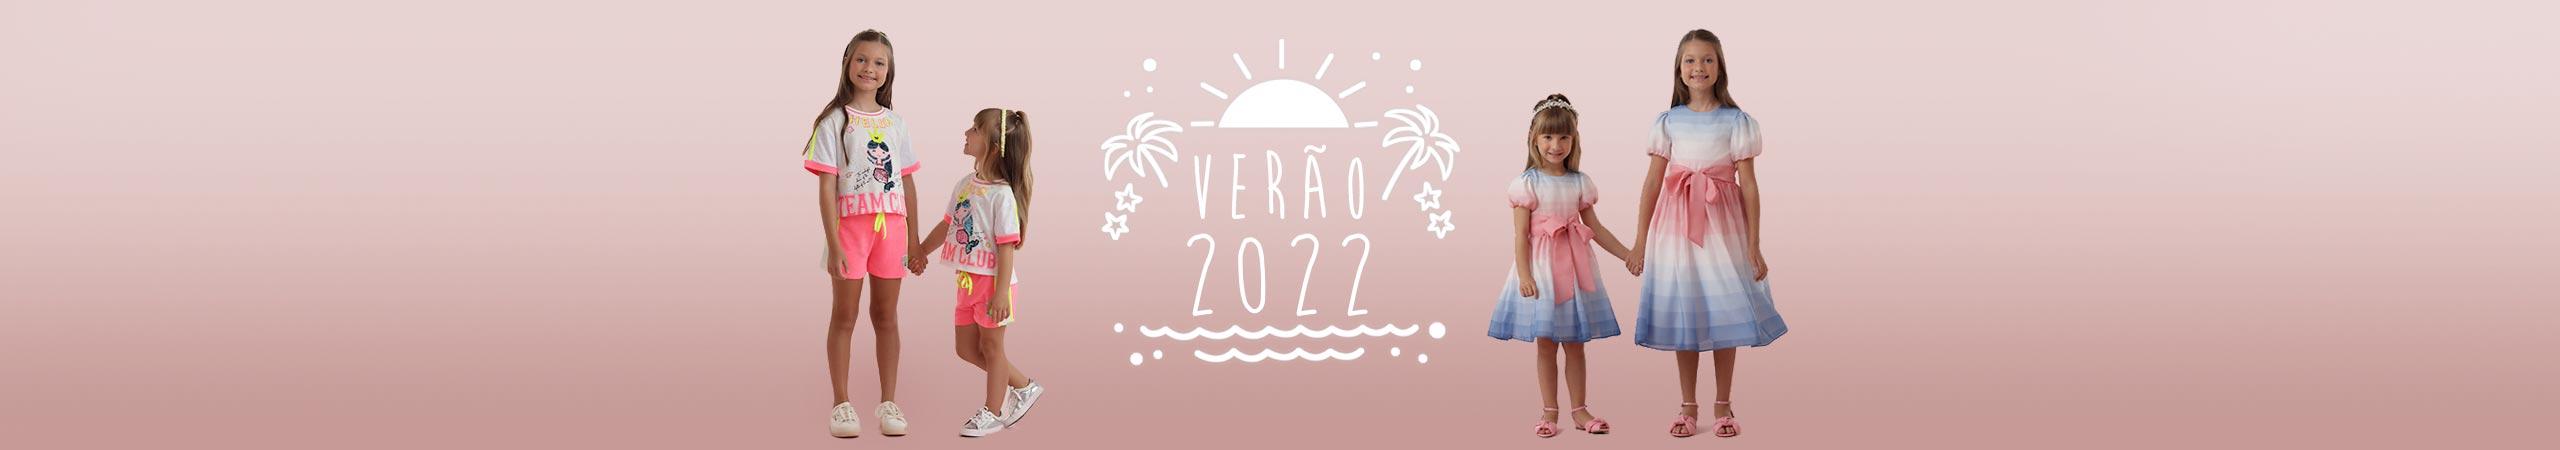 Pré-lançamento Verão 2022